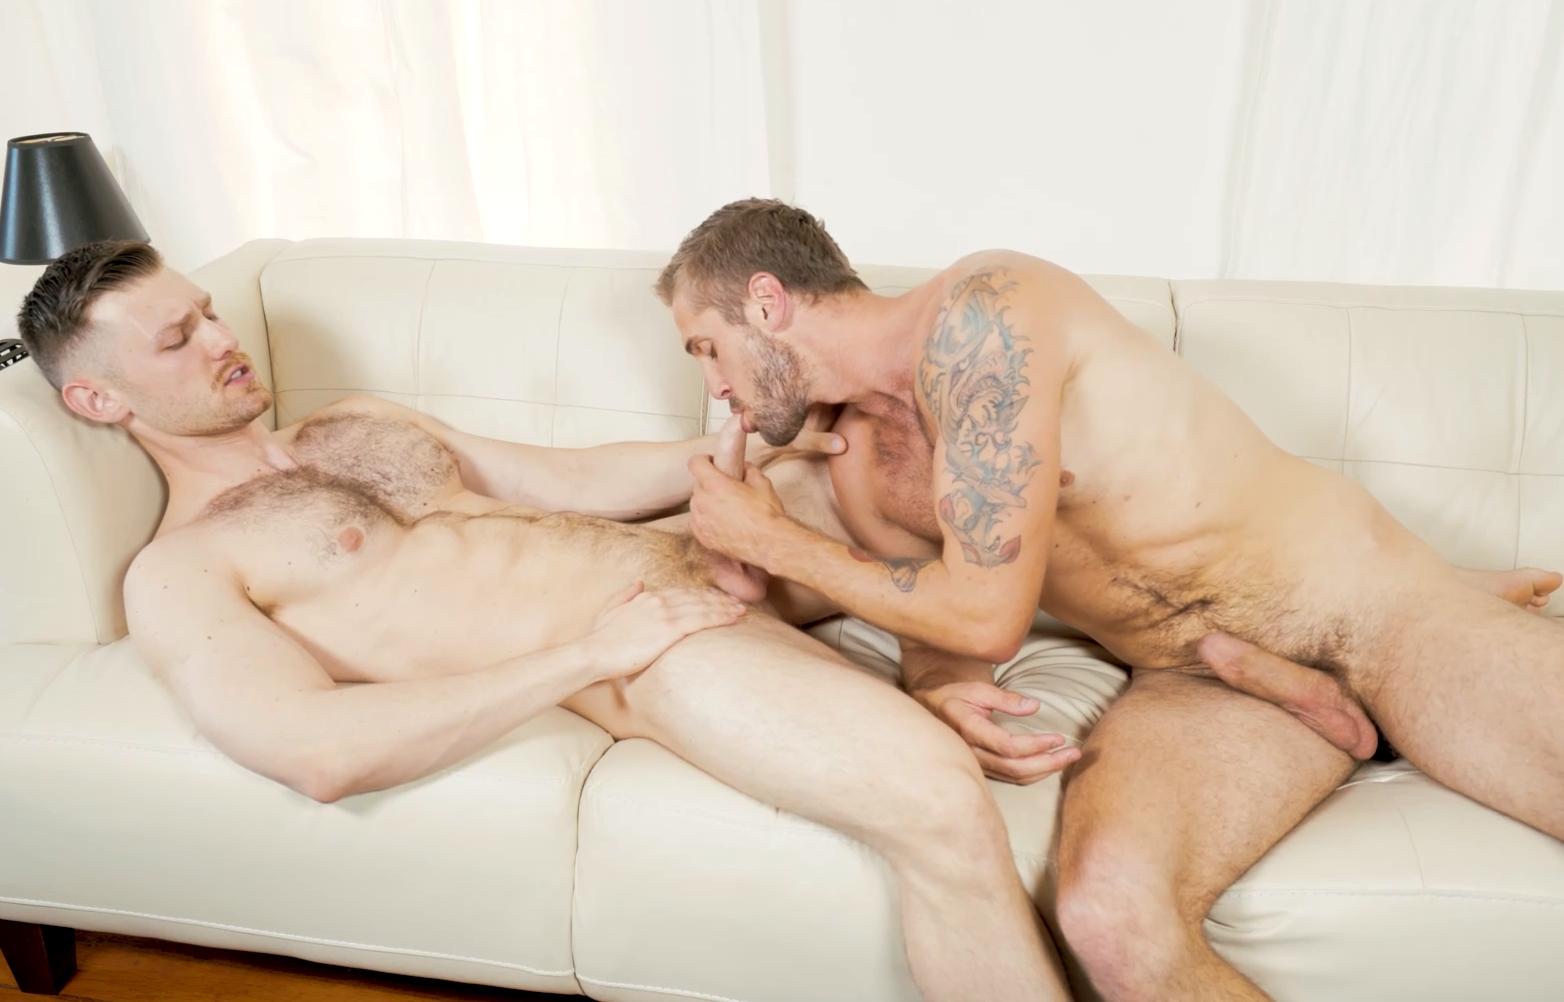 Gay Blowjob Video